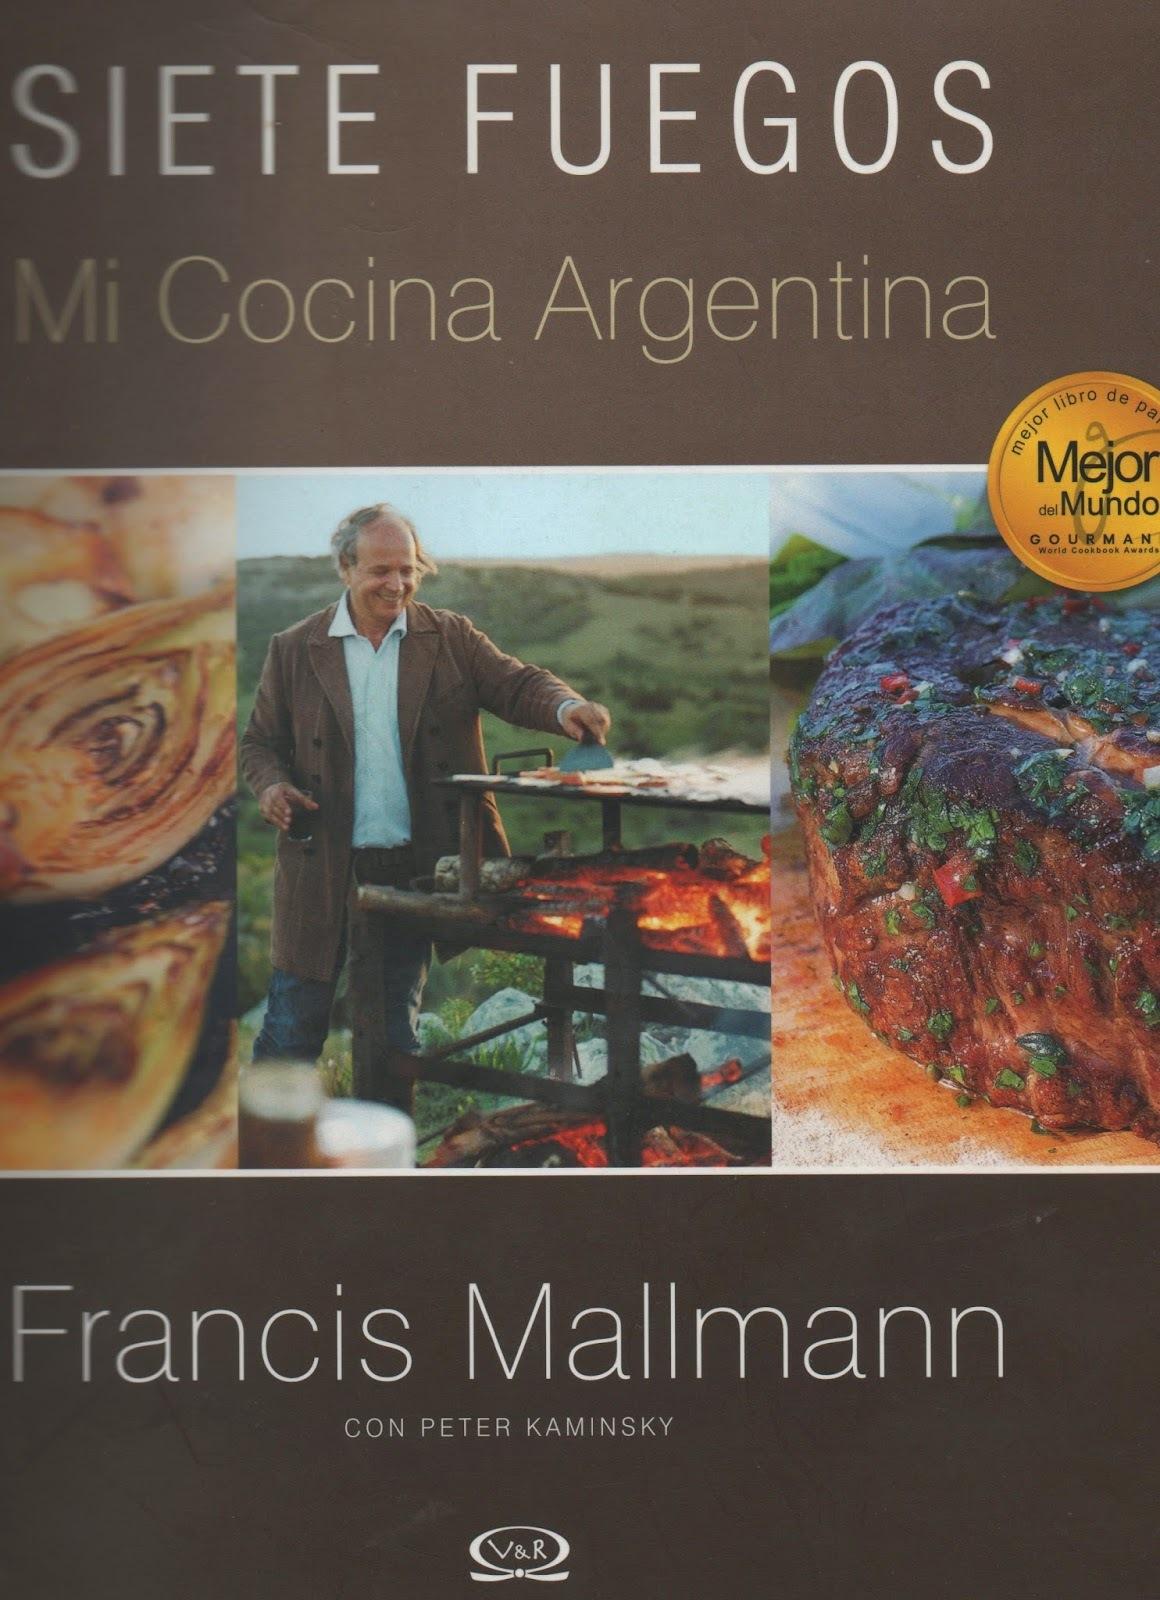 En la pista de Carlos Gardel: Francis Mallmann se cuece en sus propios jugos